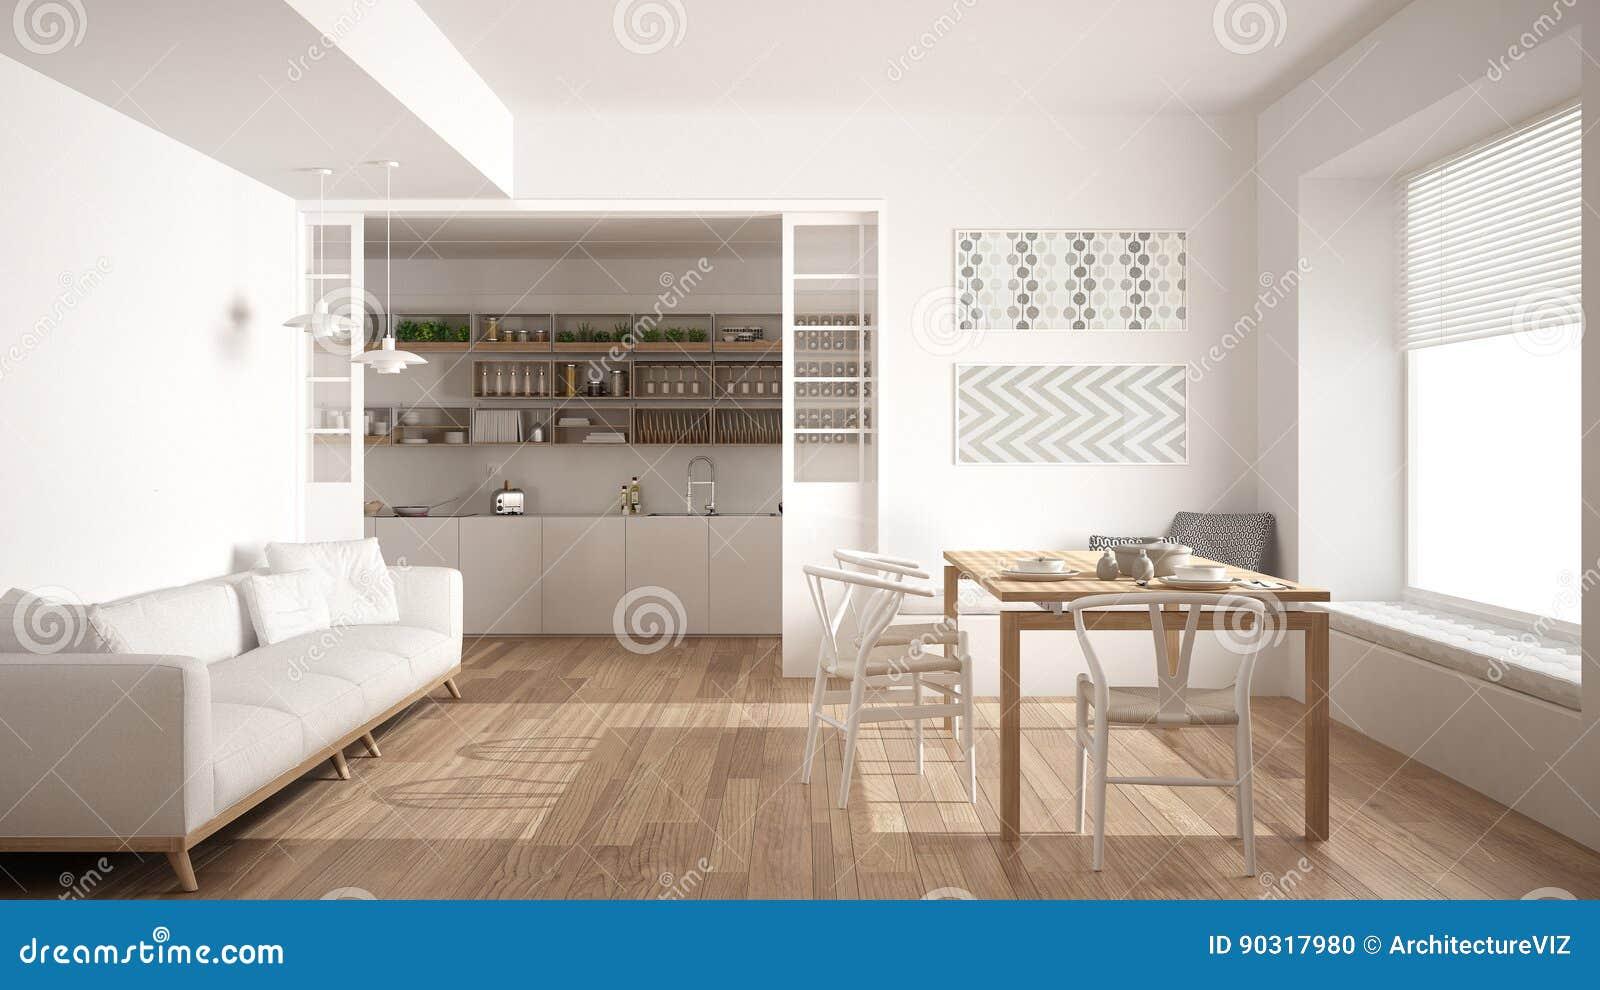 Sofa In Der Küche   Unbedeutende Kuche Und Wohnzimmer Mit Sofa Tabelle Und Stuhlen